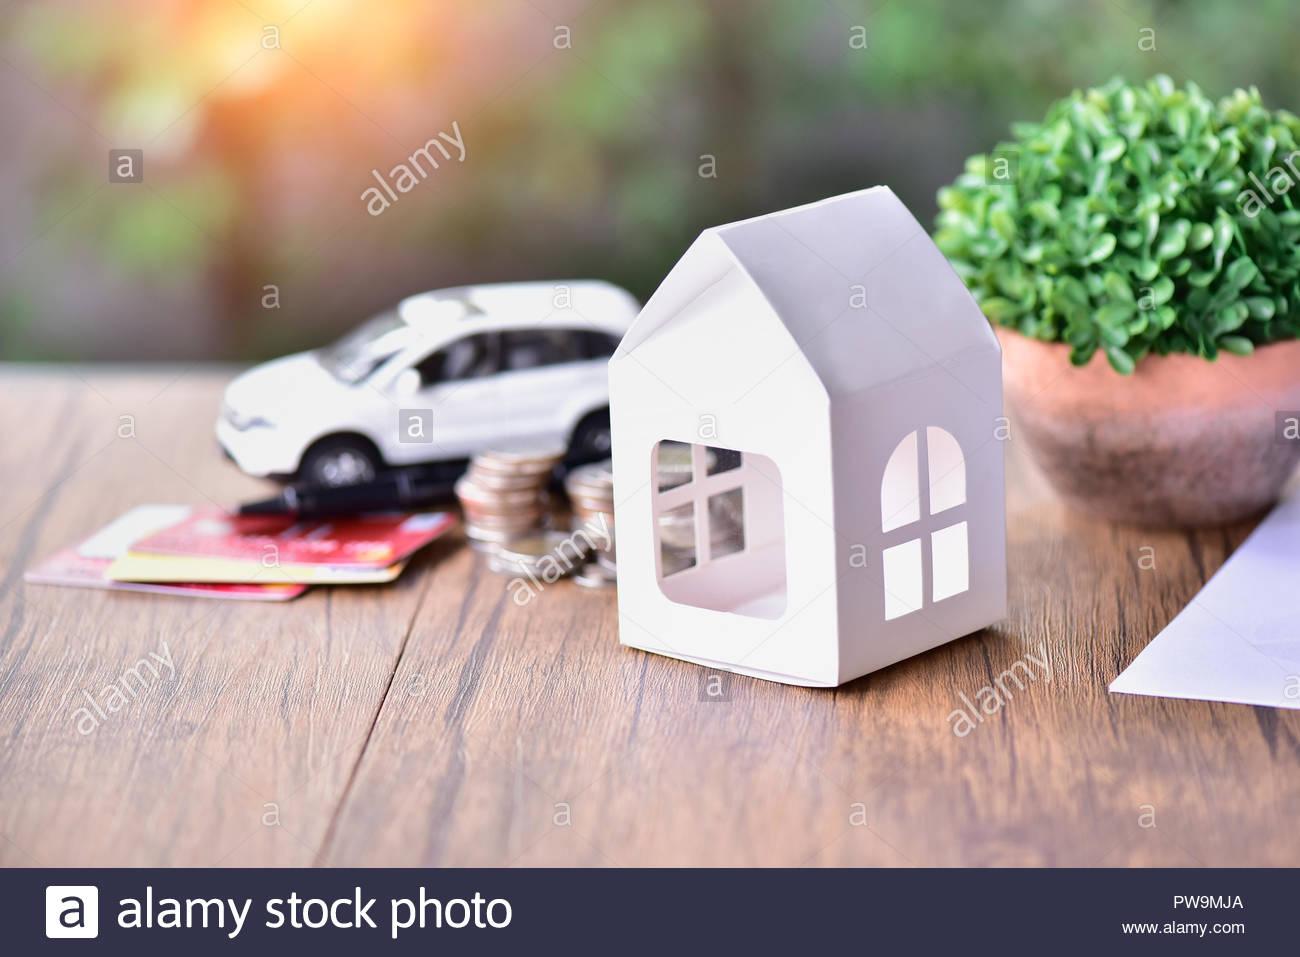 Weißbuch Modell Haus und Auto Kreditkarte Geld sparen auf dem hölzernen Tisch, Haus, Hypothek für Gehäuse Stockbild